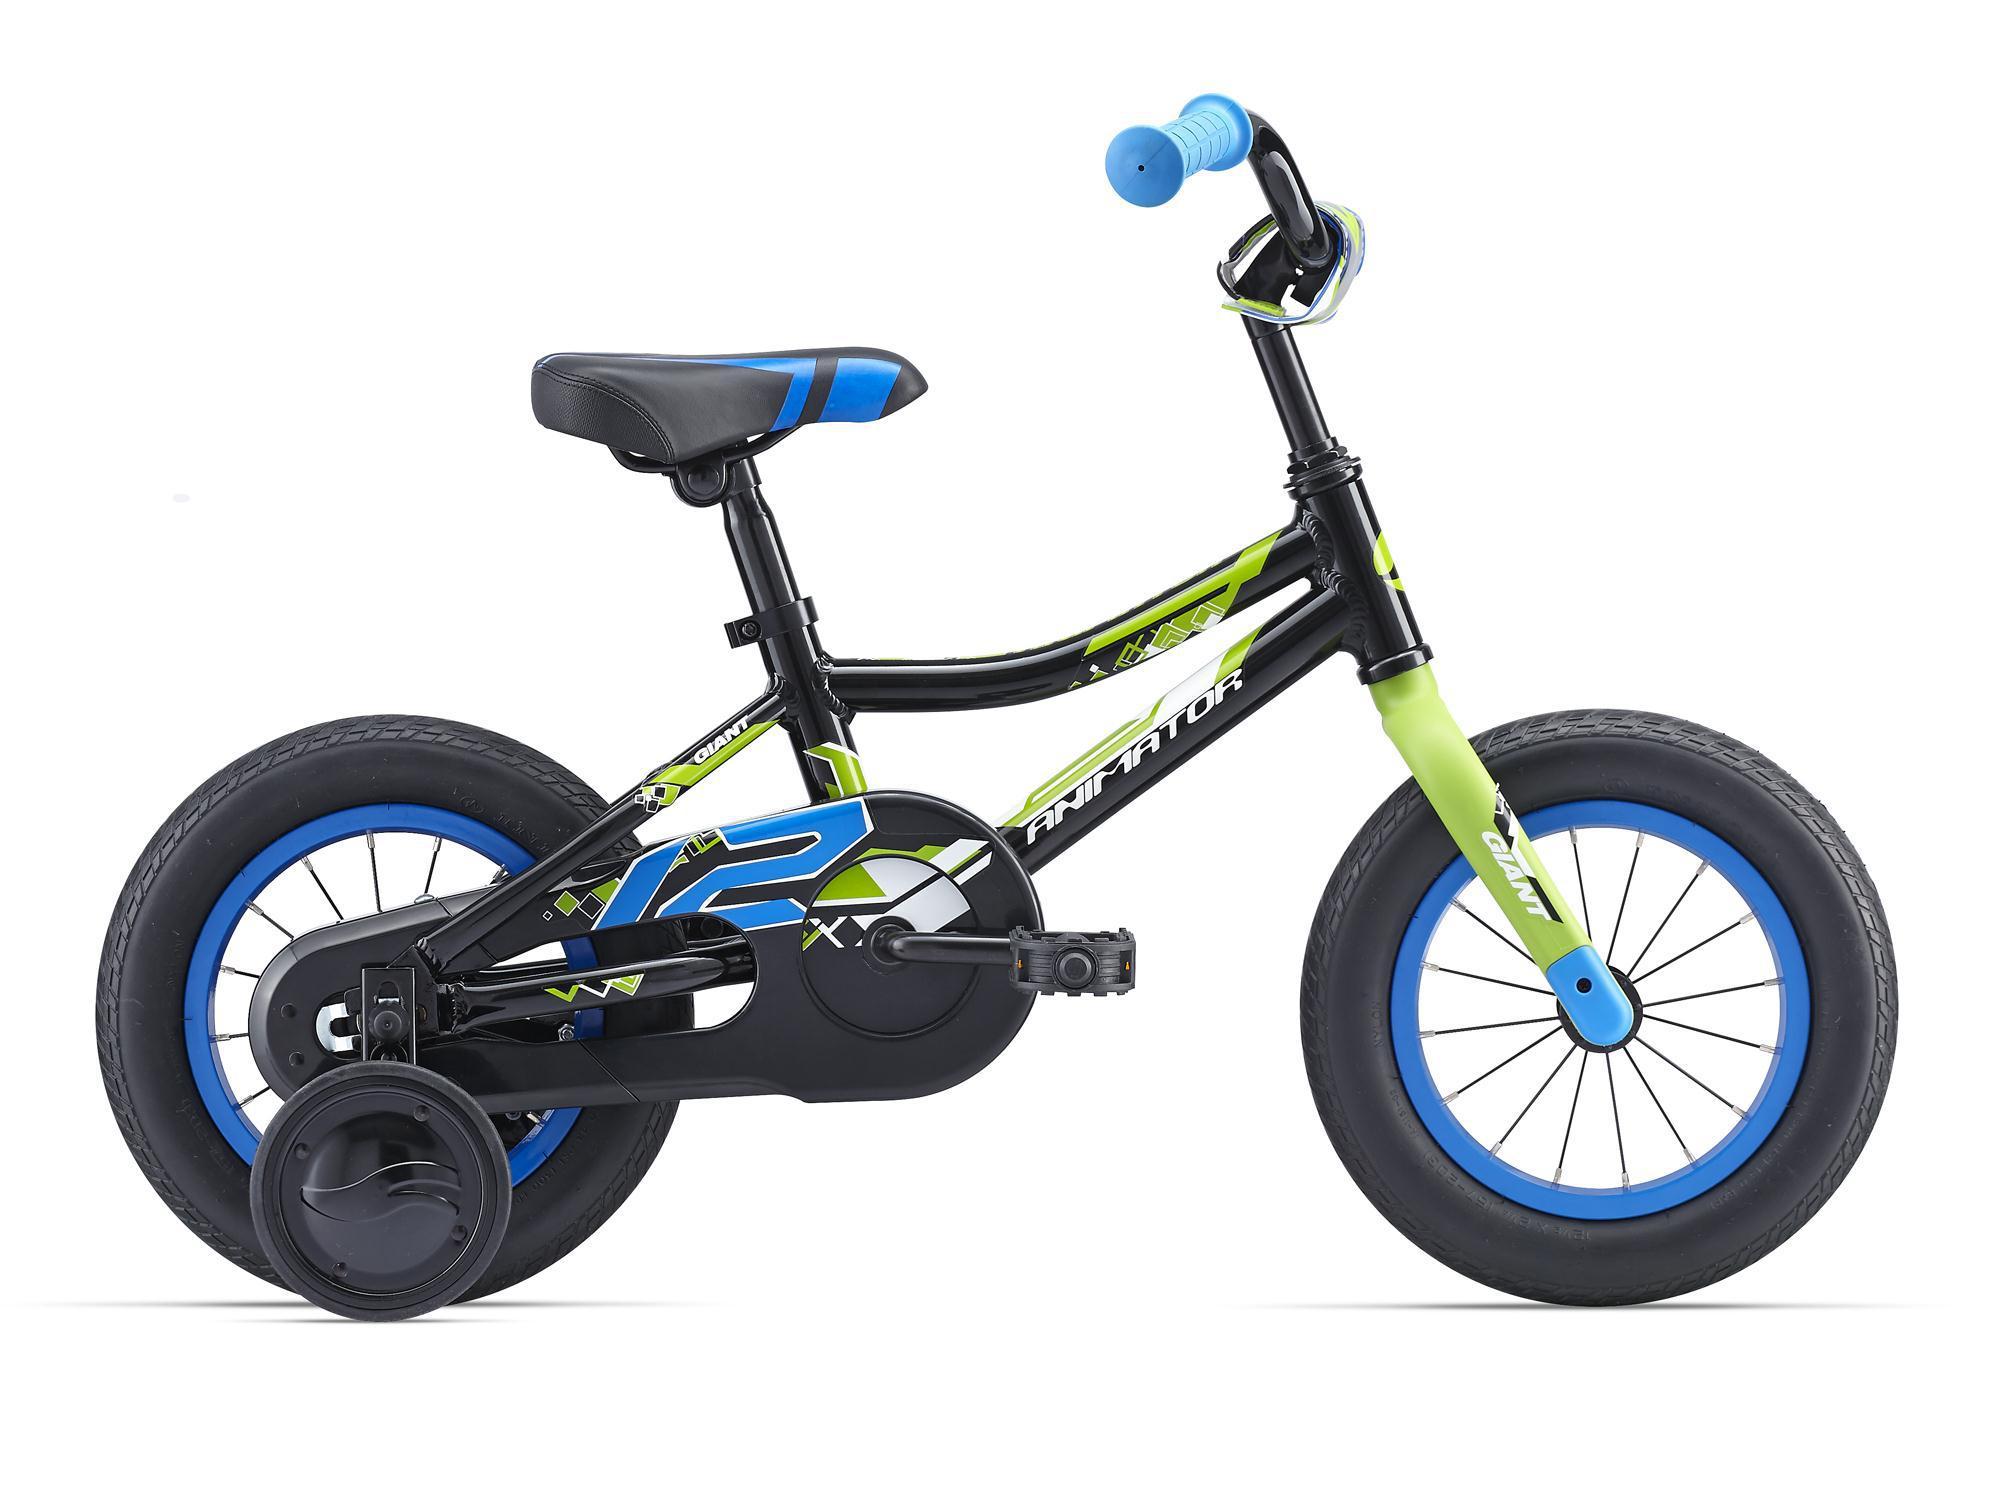 Giant Animator C/B 12 (2016)от 3 лет<br>Самый подходящий спутник для начала велосипедной жизни маленького чемпиона. Giant Animator – это велосипед с колесами размером 12 дюймов. Он очень легкий, поскольку рама сделана из фирменного алюминия ALUXX от Giant (всё как у взрослых), отлично катится и обладает достаточной прочностью, чтобы подходить даже самым отпетым сорванцам.<br>Низкая рама и правильное положение ребенка помогут быстро овладеть навыком езды на двух колесах, а на первое время в комплекте предусмотрены дополнительные колеса. Защита цепи уже стоит на Giant Animator для безопасного использования и чистых штанин.<br>